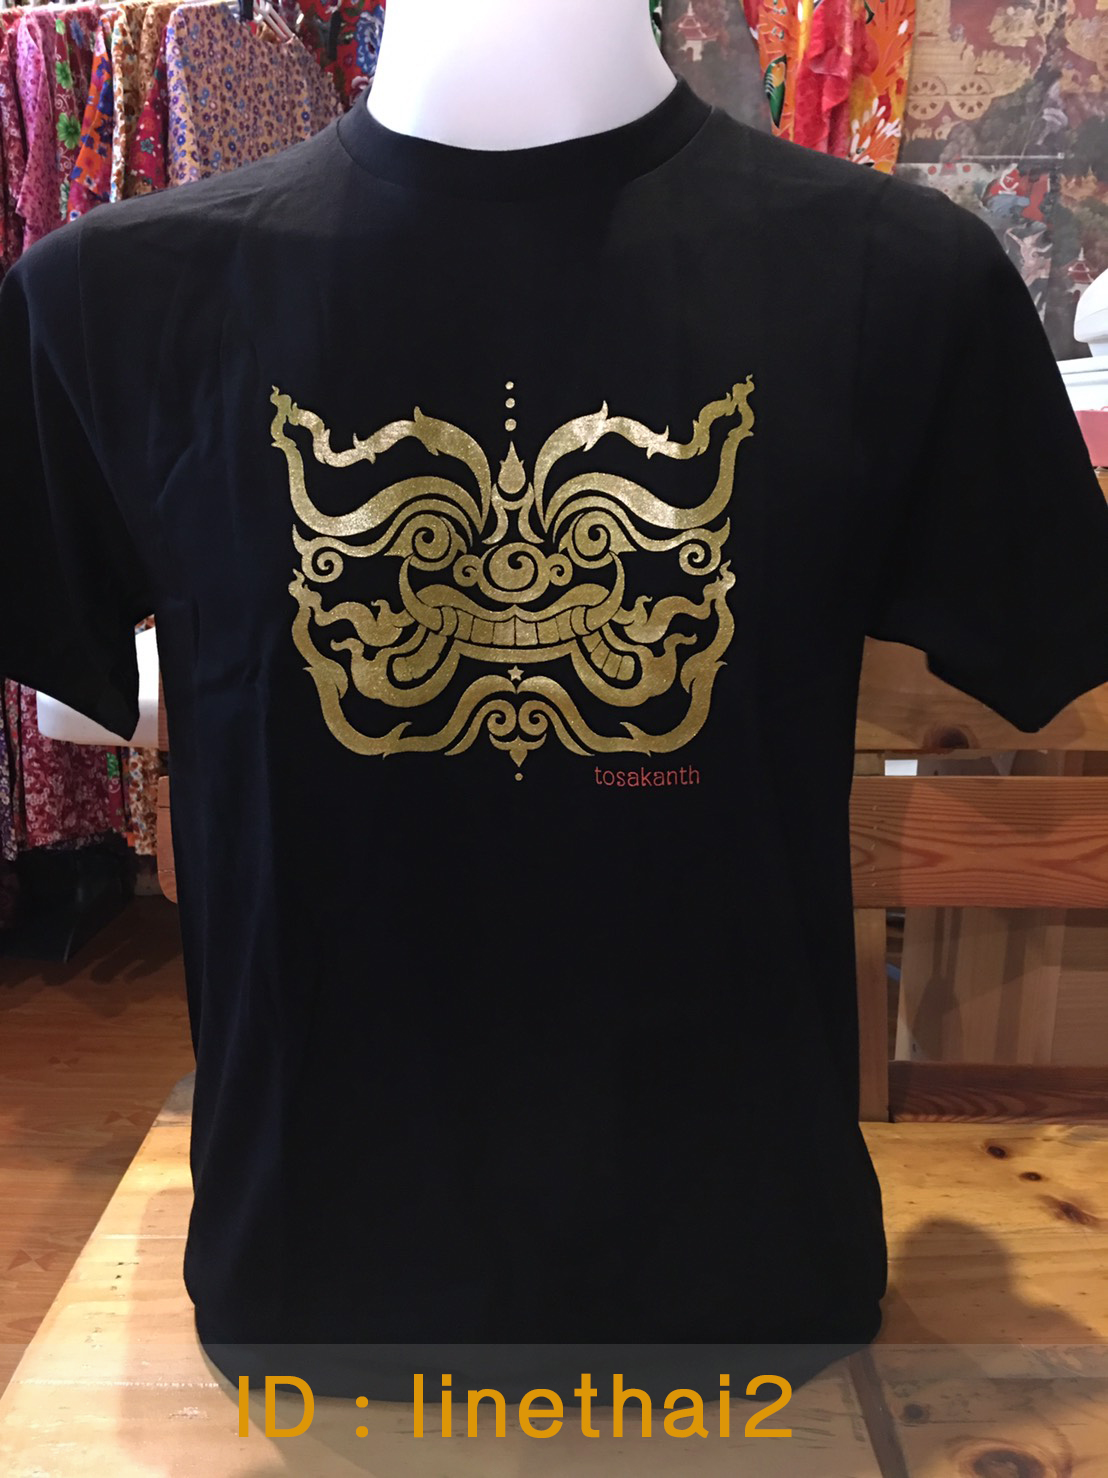 เสื้อลายไทย ลายเศียรทศกัณฐ์ สีดำ